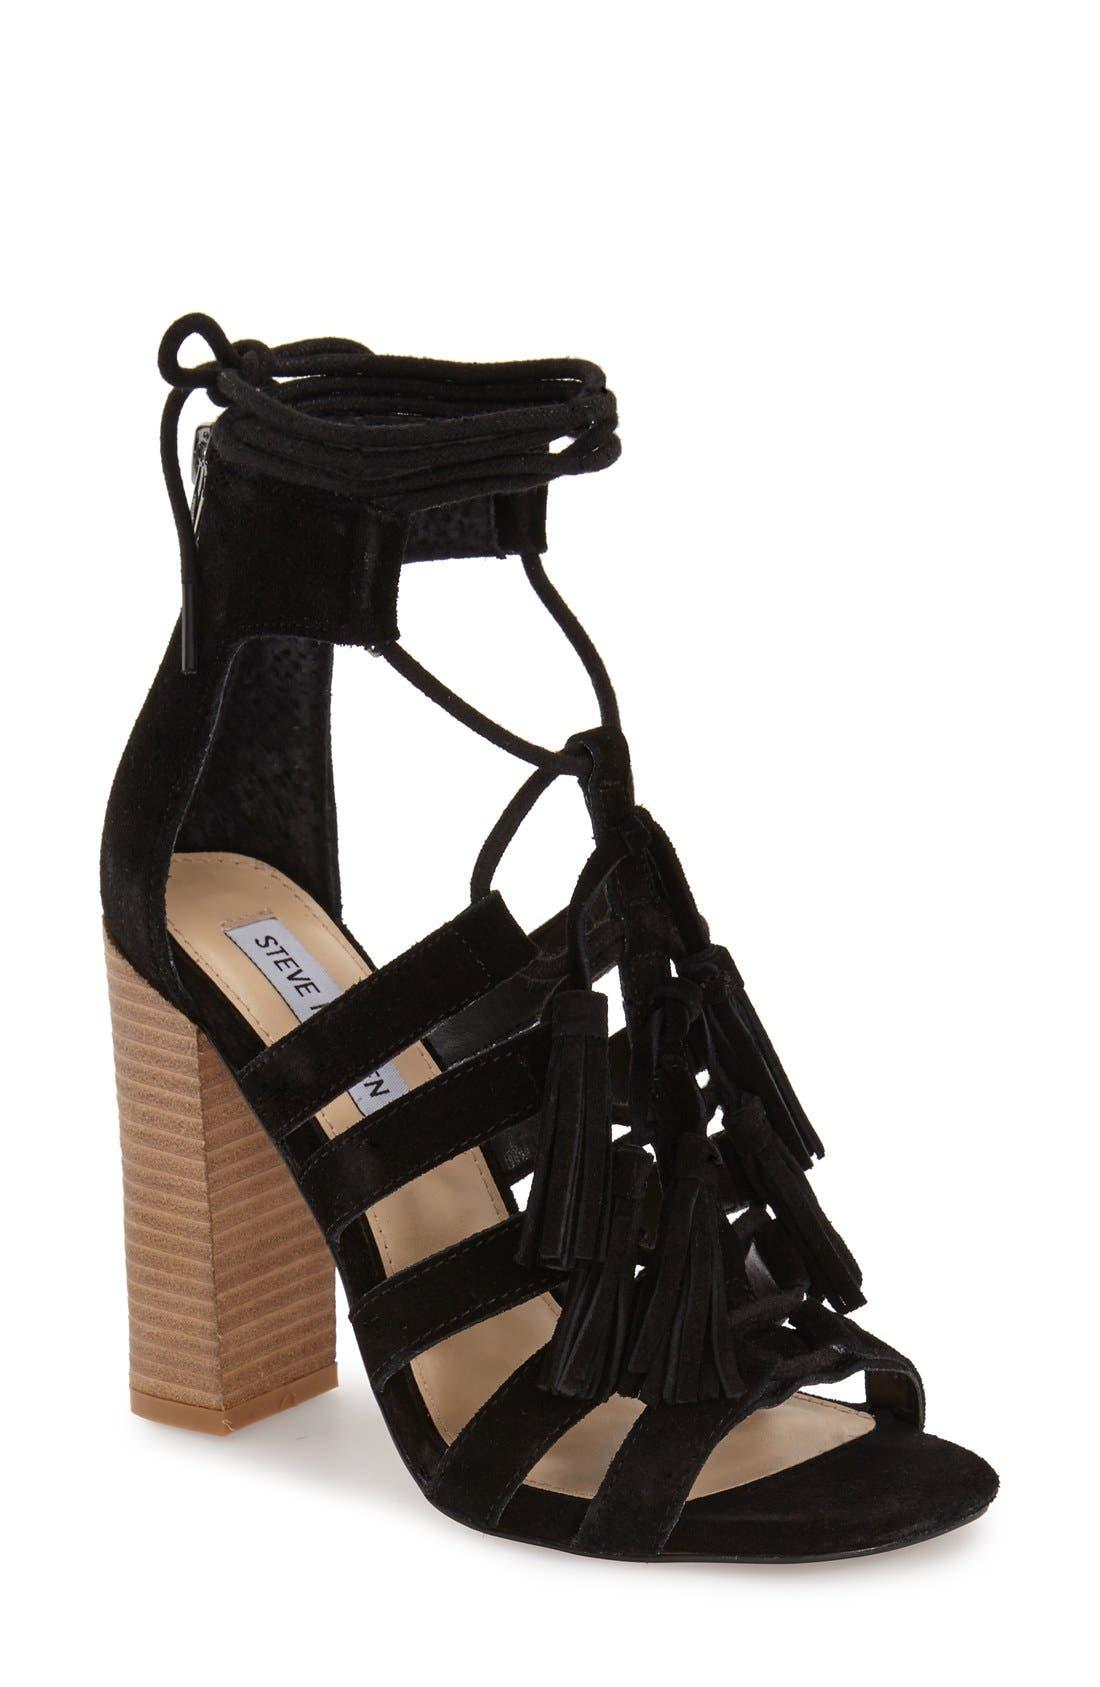 Main Image - Steve Madden 'Tasssal' Lace-Up Sandal (Women)